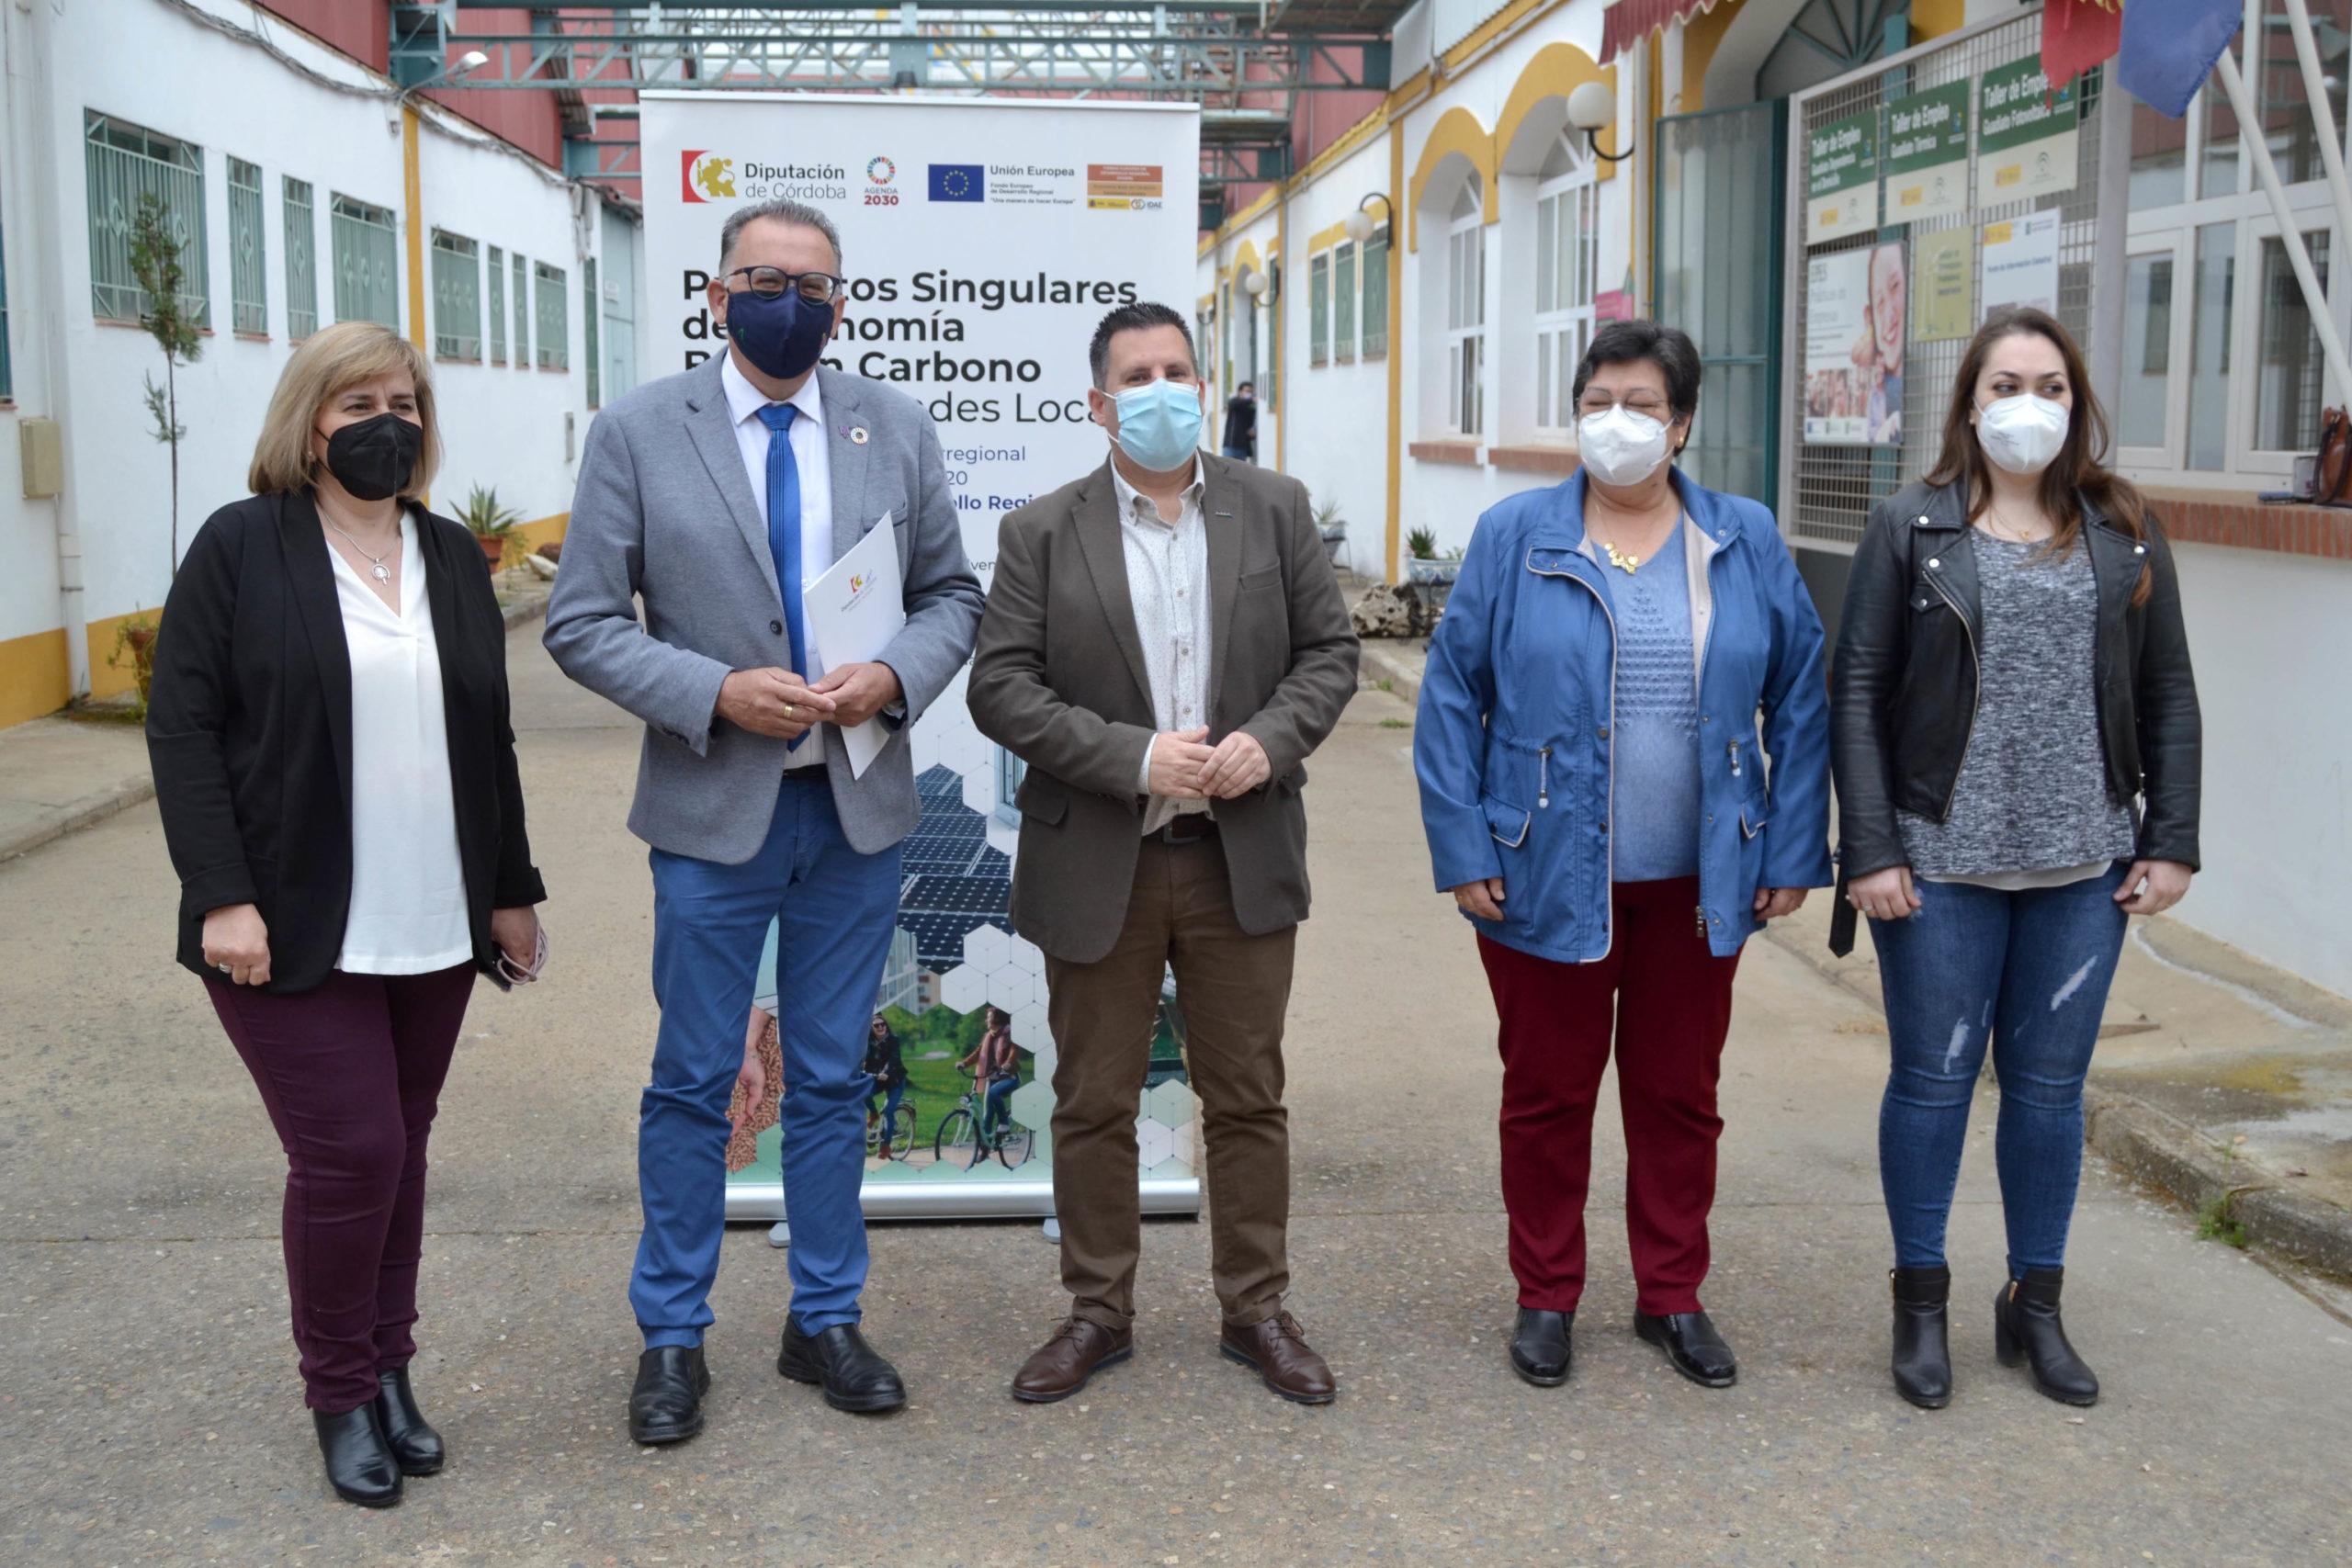 El proyecto Feder de Economía Baja en Carbono de Peñarroya-Pueblonuevo conseguirá un ahorro de más de 18.500 euros anuales